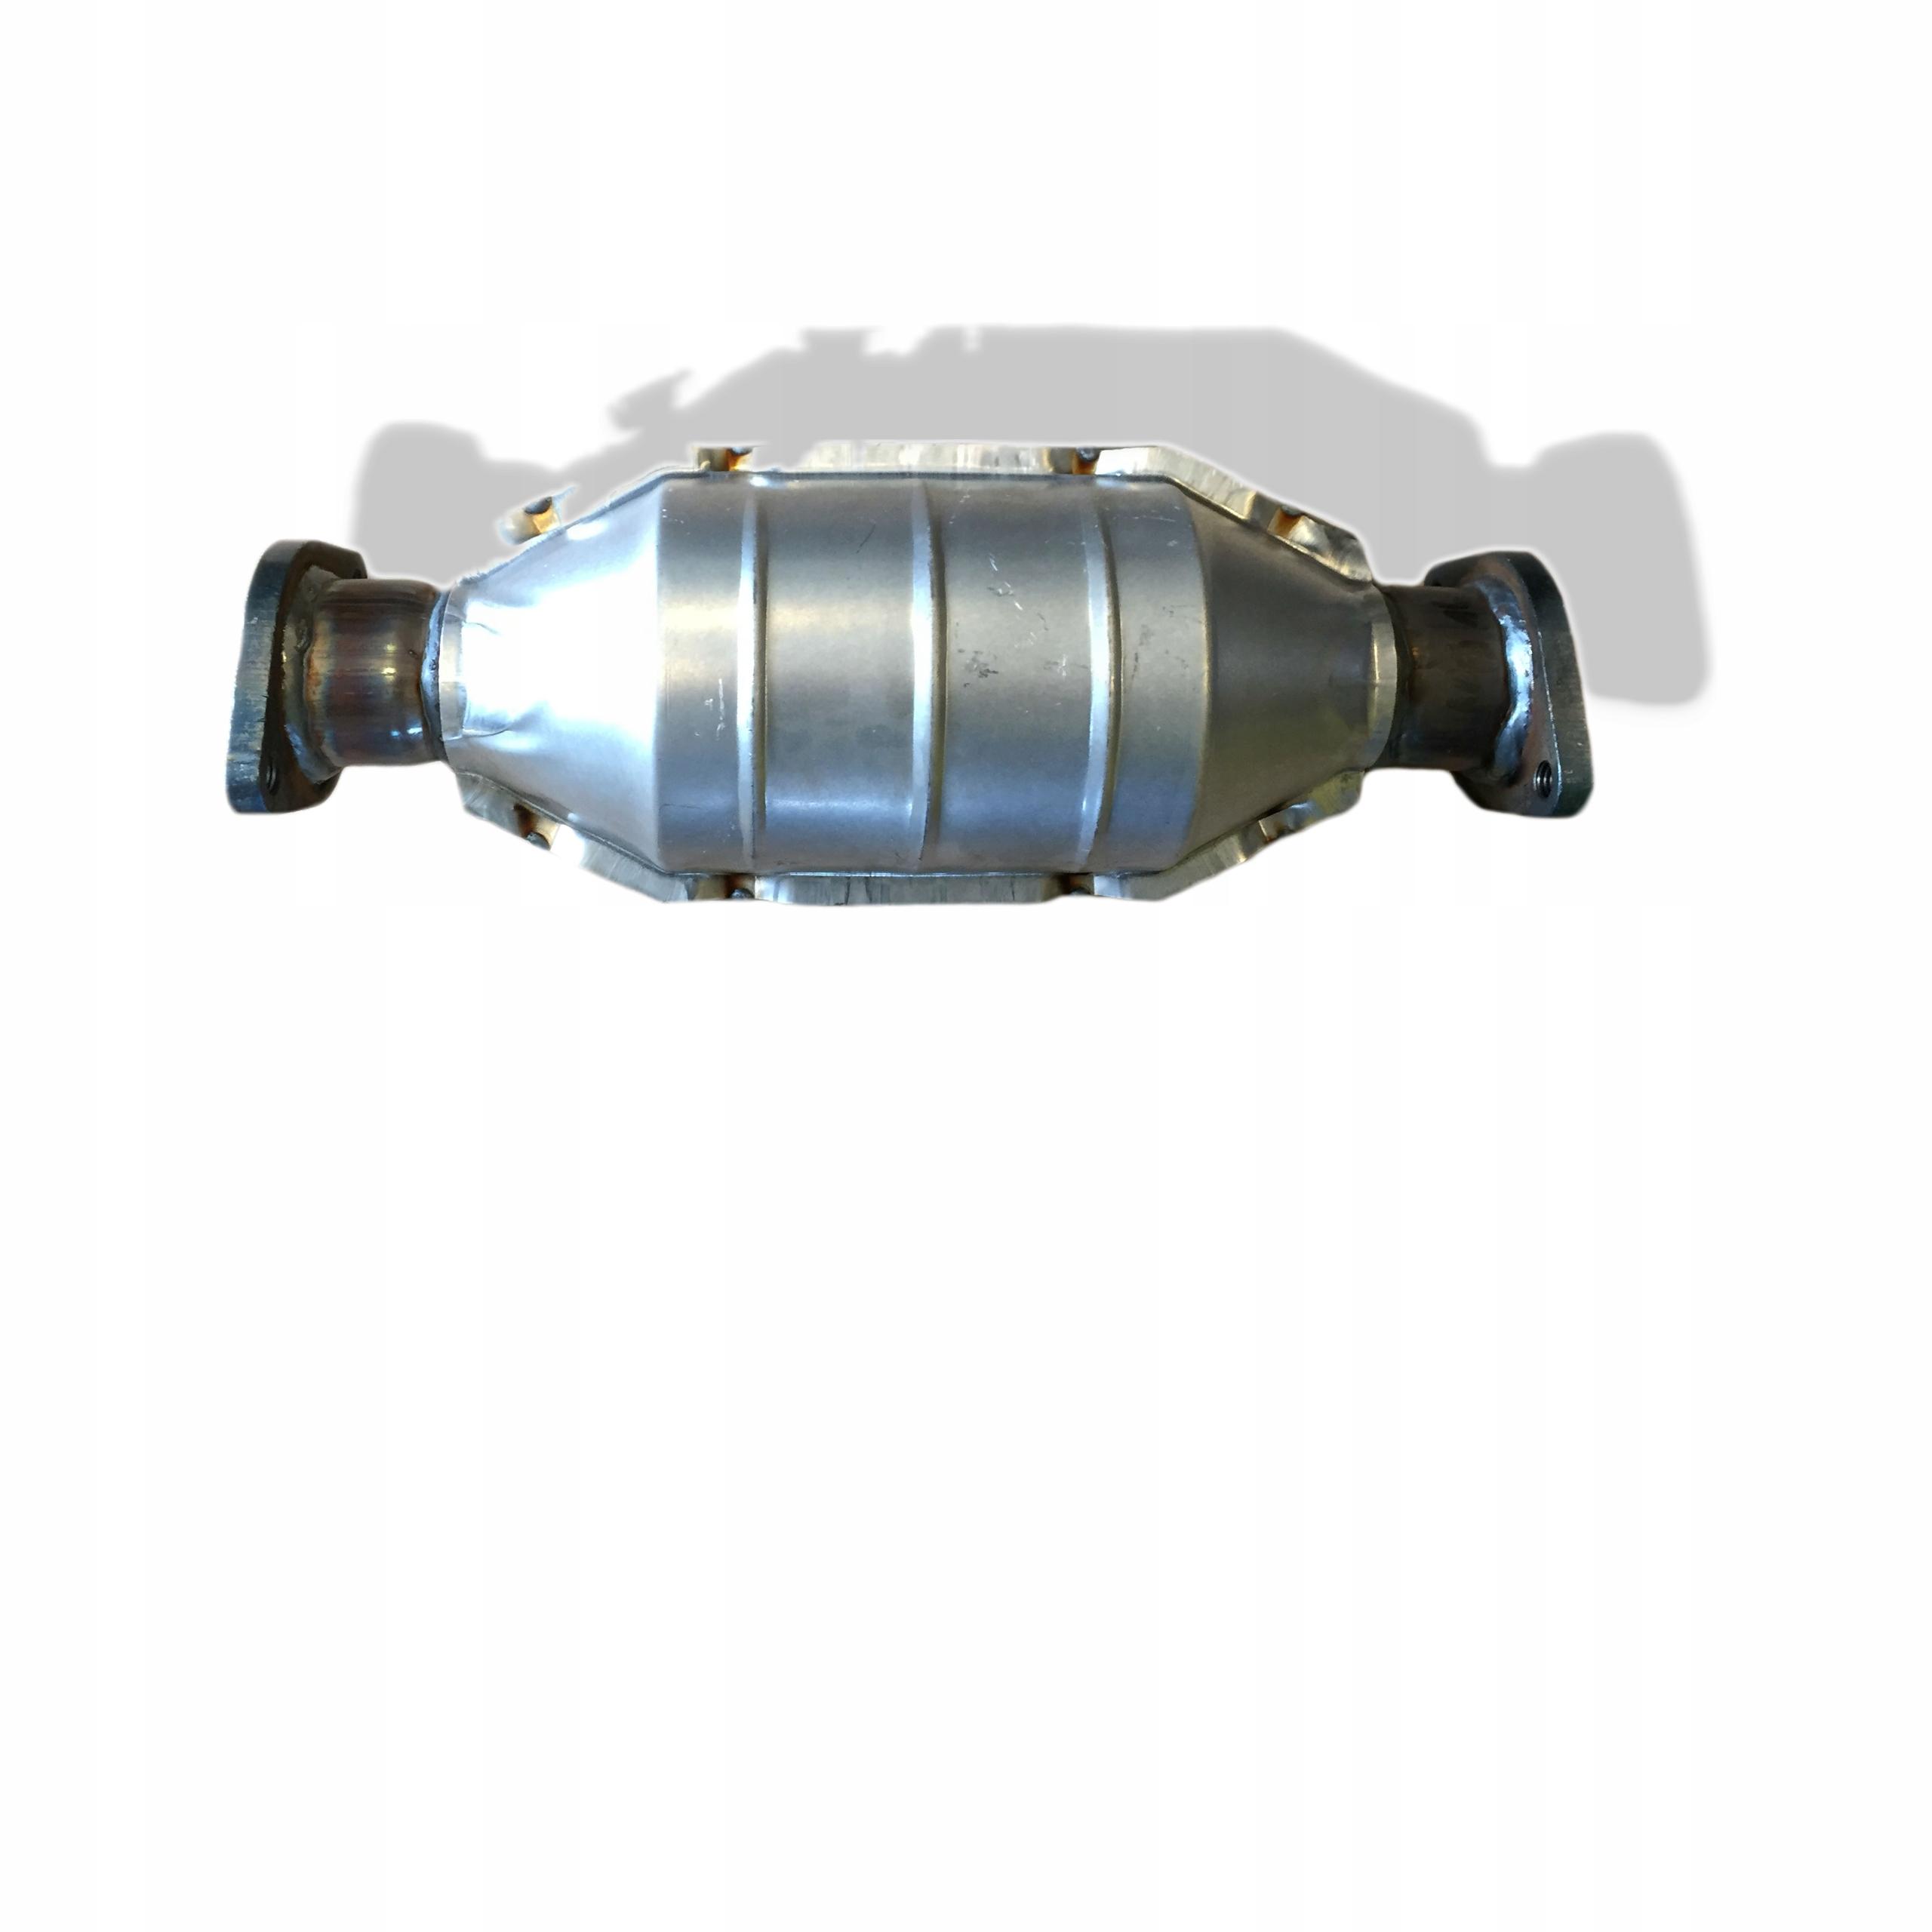 катализатор kia sorento 24i 16v g4js 082002-